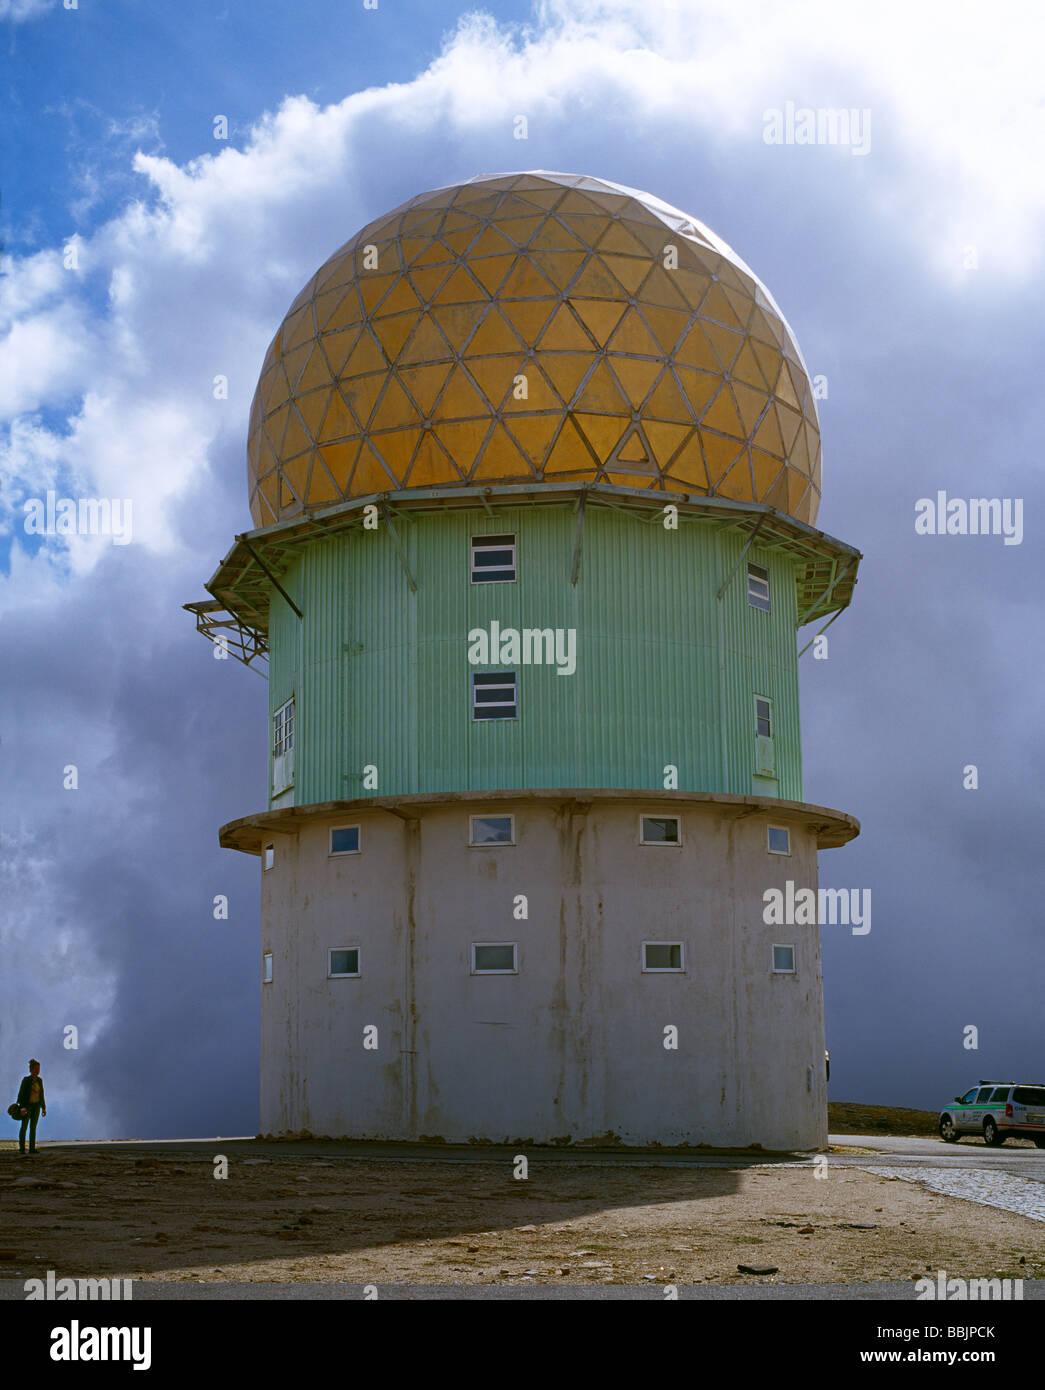 Torre (Turm) ist ein stillgelegten Sternwarte-Denkmal, das den höchsten Punkt von Festland Portugal markiert Stockbild